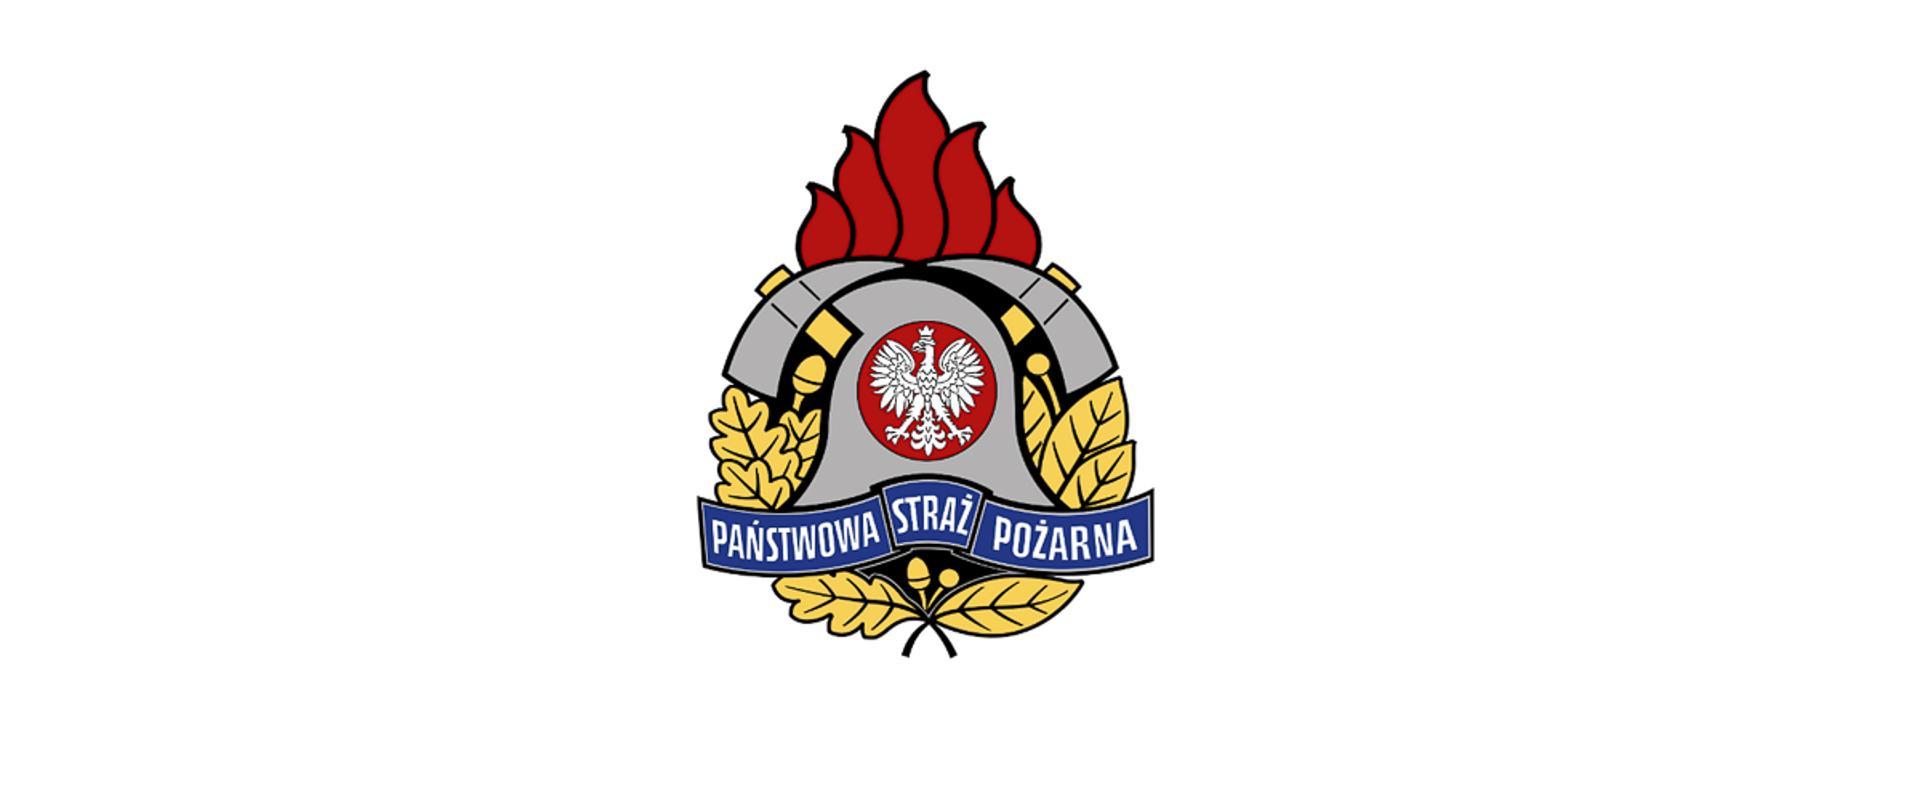 Logotyp Państwowej Straży Pożarnej na białym tle.